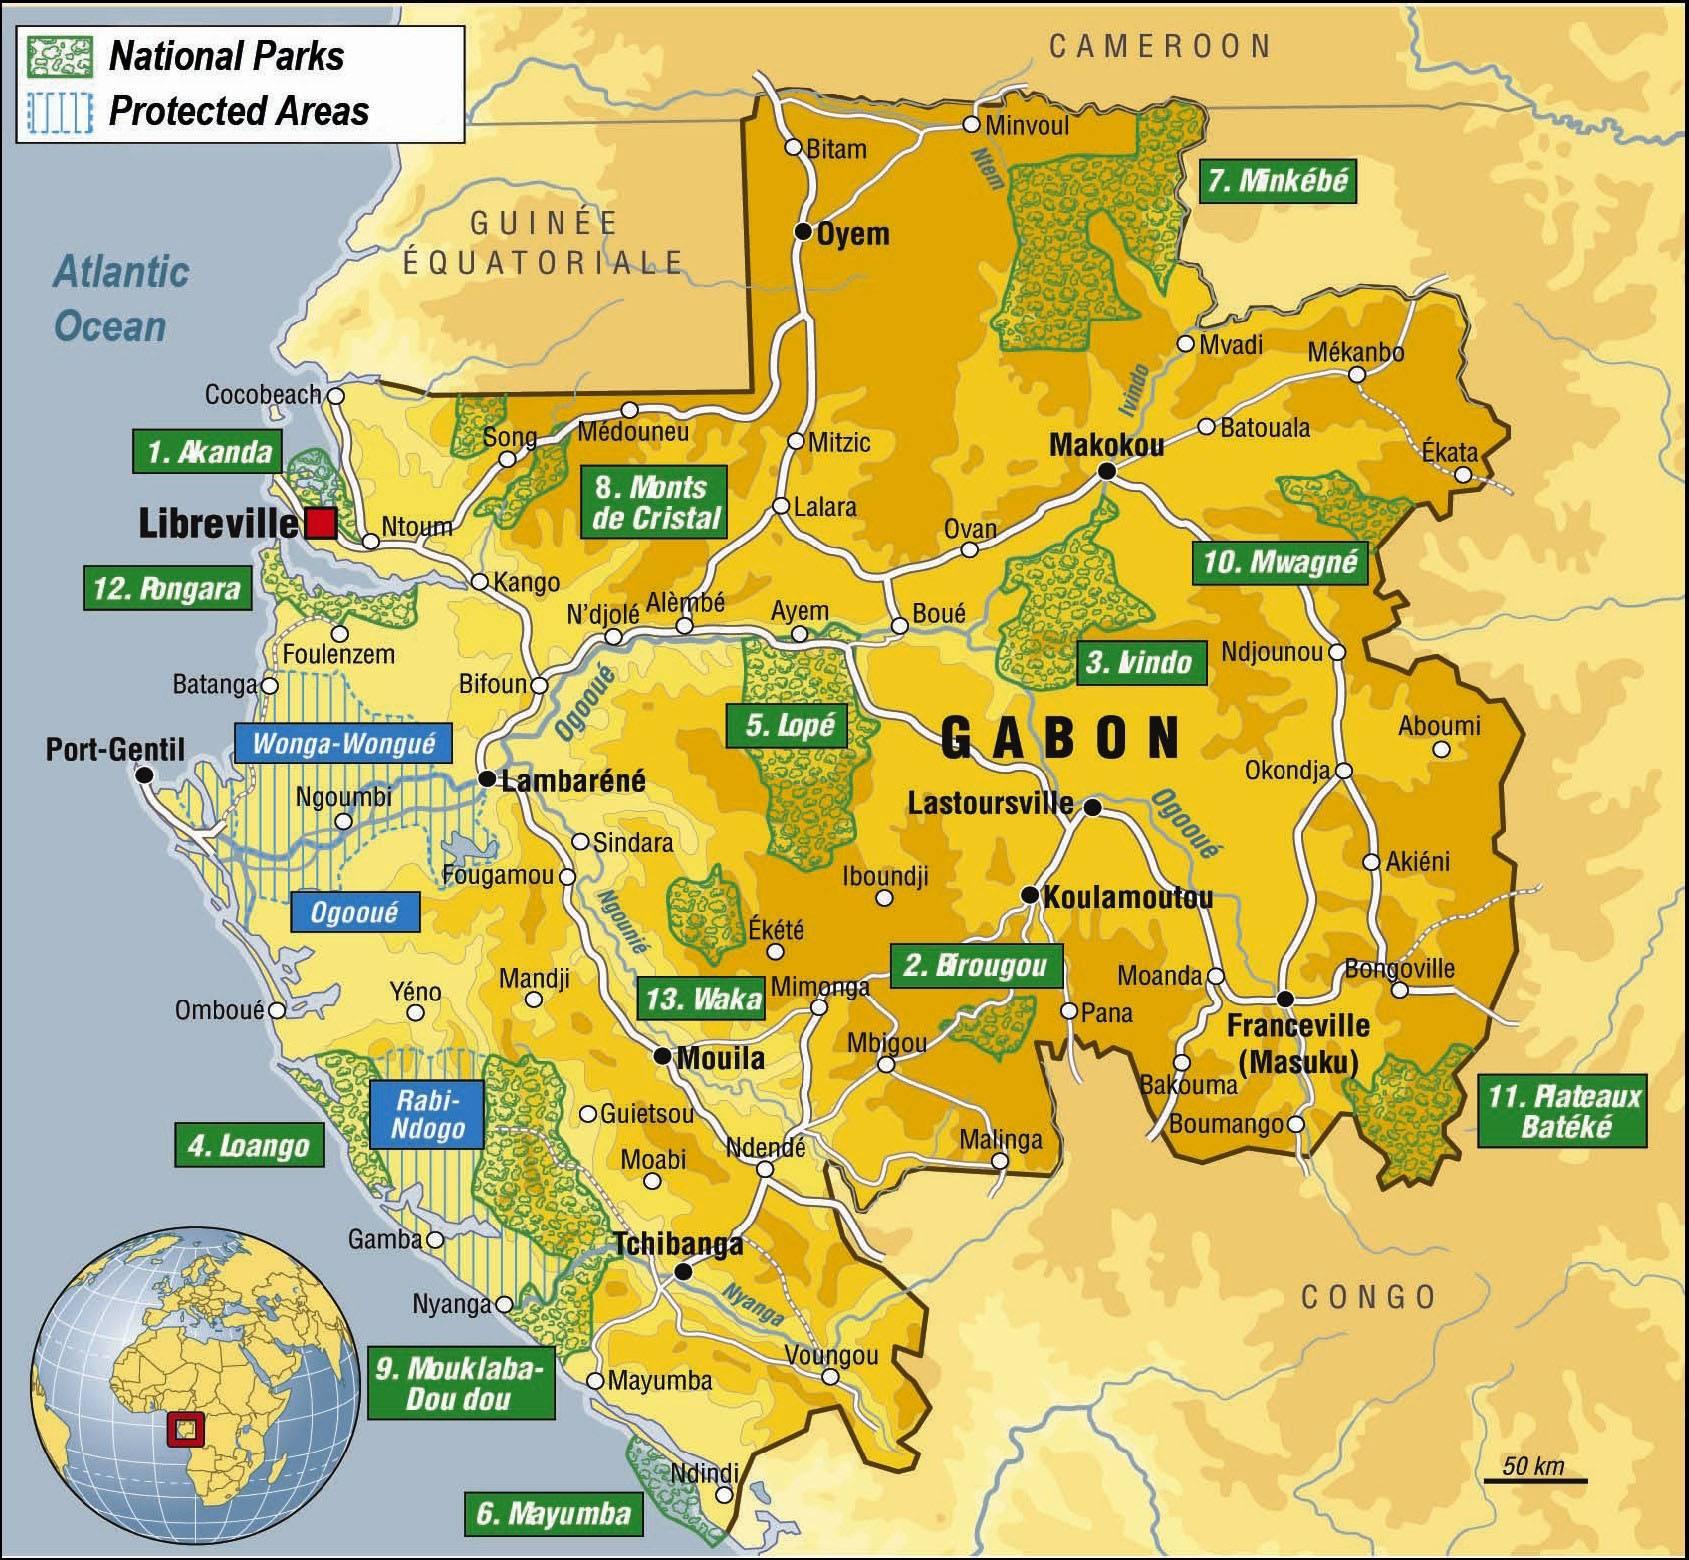 Carte des parcs nationaux du Gabon